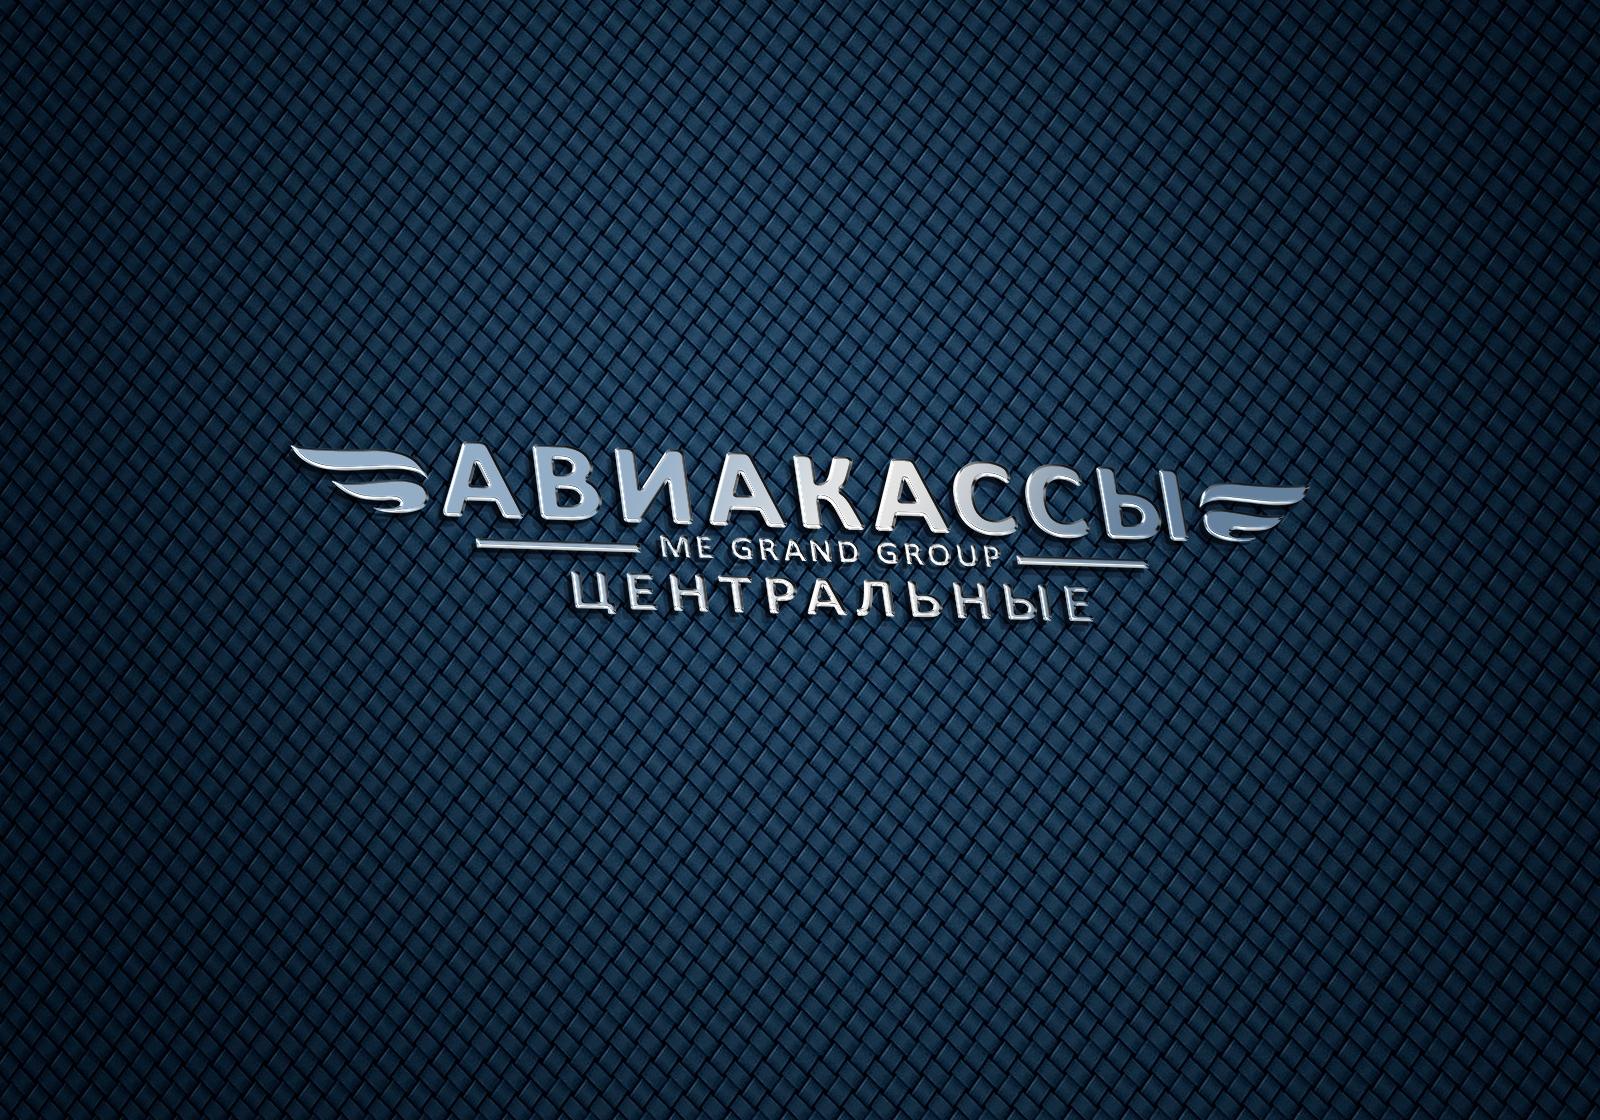 Разработка логотипов и фирменного стиля  фото f_6175d0557656d023.jpg